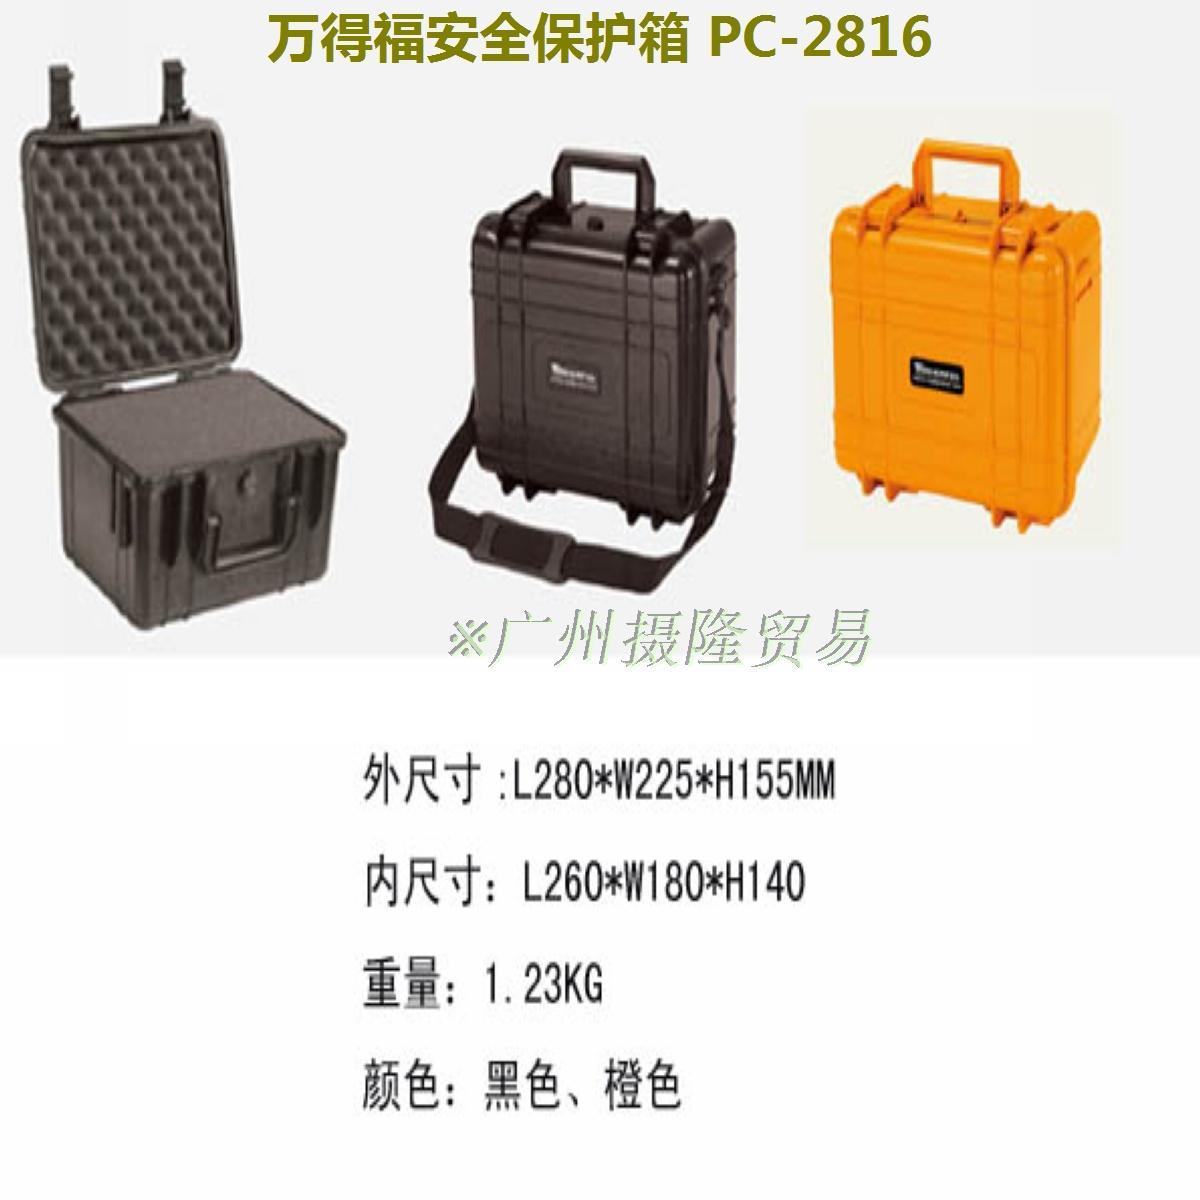 Wonderful safety box small pc-2816 protection box dry box camera dry cabinet wonderful(China (Mainland))